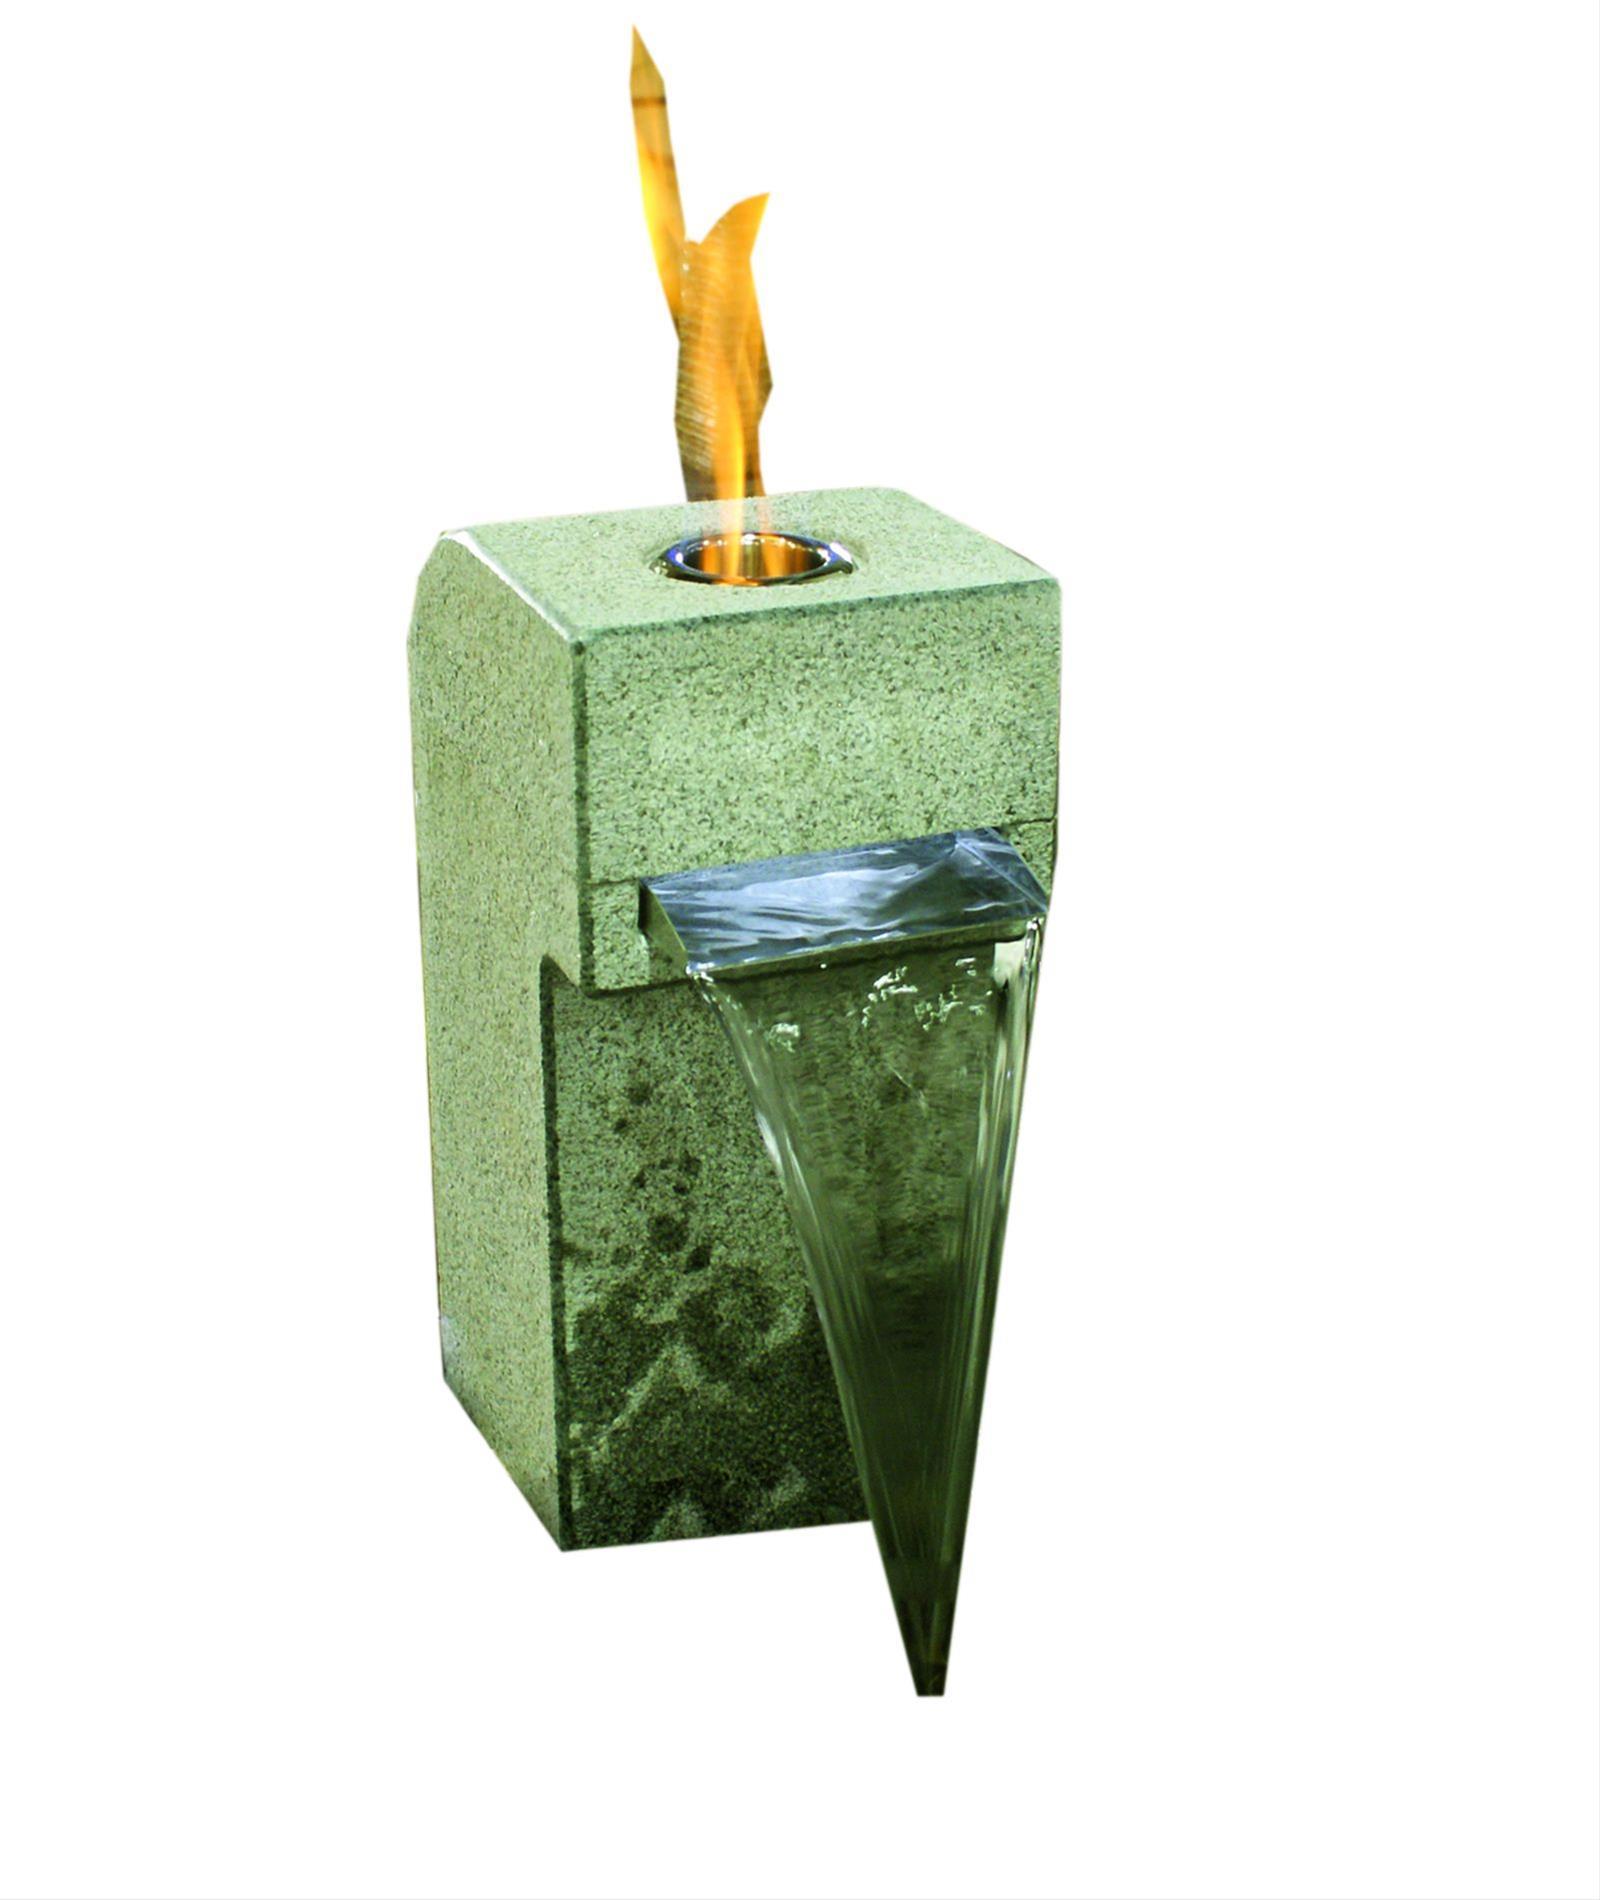 Feuer-Wasserspiel Set Garden Gibbet Yellow Granit gelb für Bioethanol Bild 1